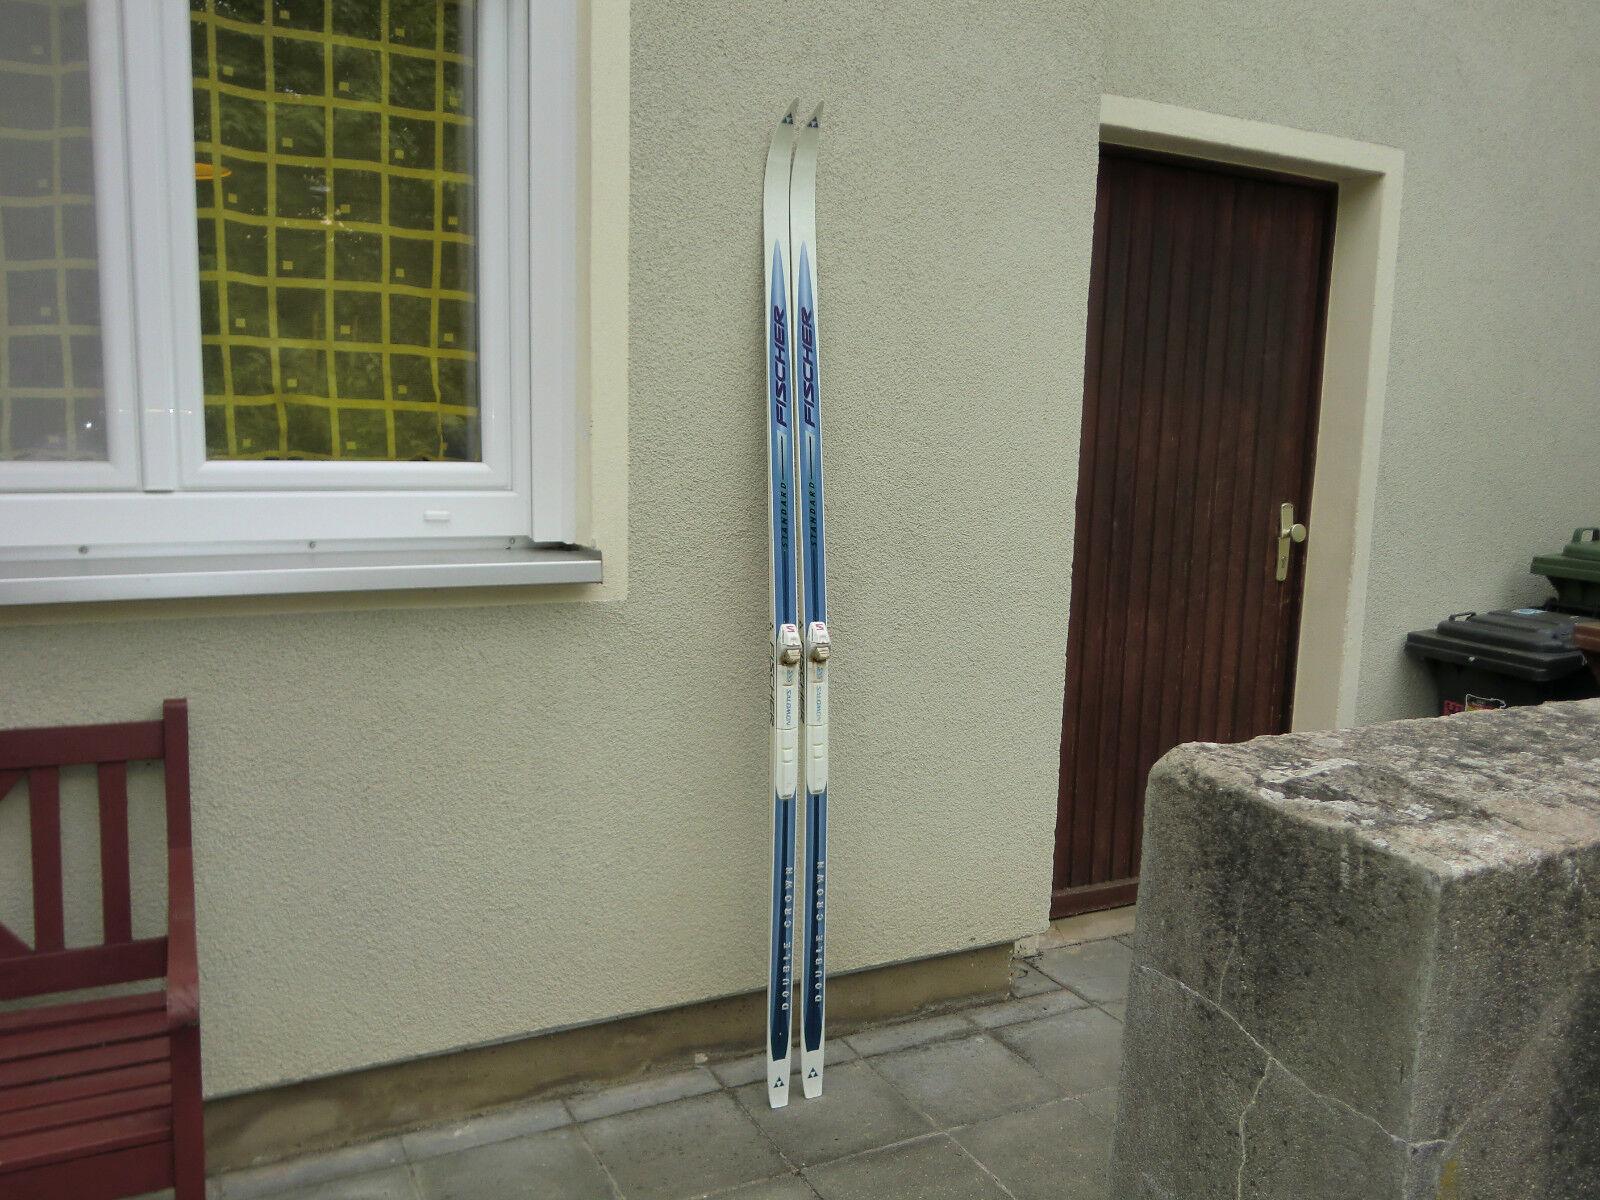 FISCHER Standard DOUBLE CROWN Langlaufski , 190 cm, mit SNS Bindung, GUT  (20)